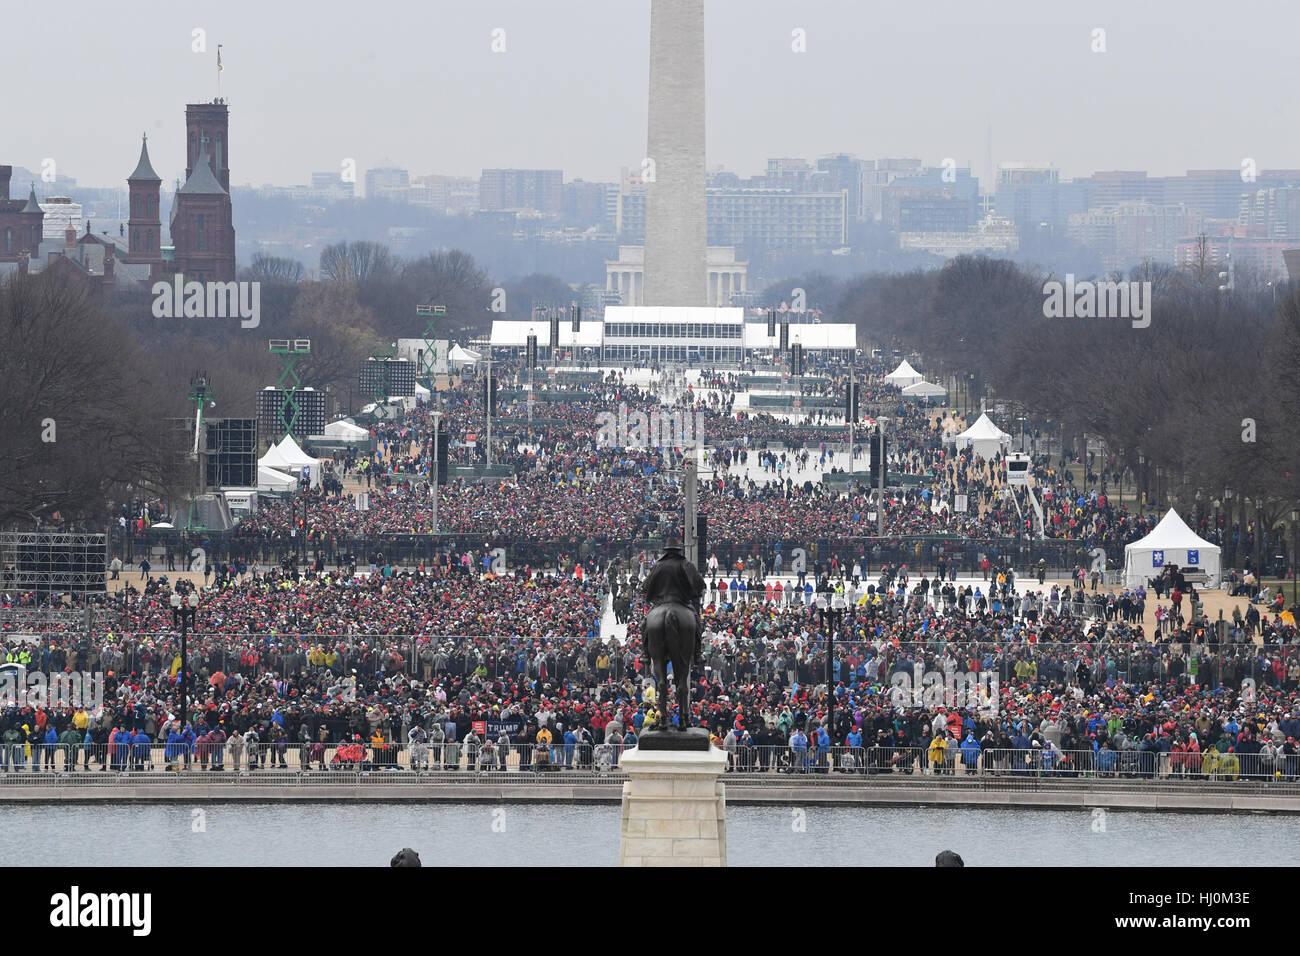 Zuschauer wird auf der National Mall Zeuge der Amtseinführung von Präsident Donald Trump am 20. Januar 2017 in Washington, Stockfoto